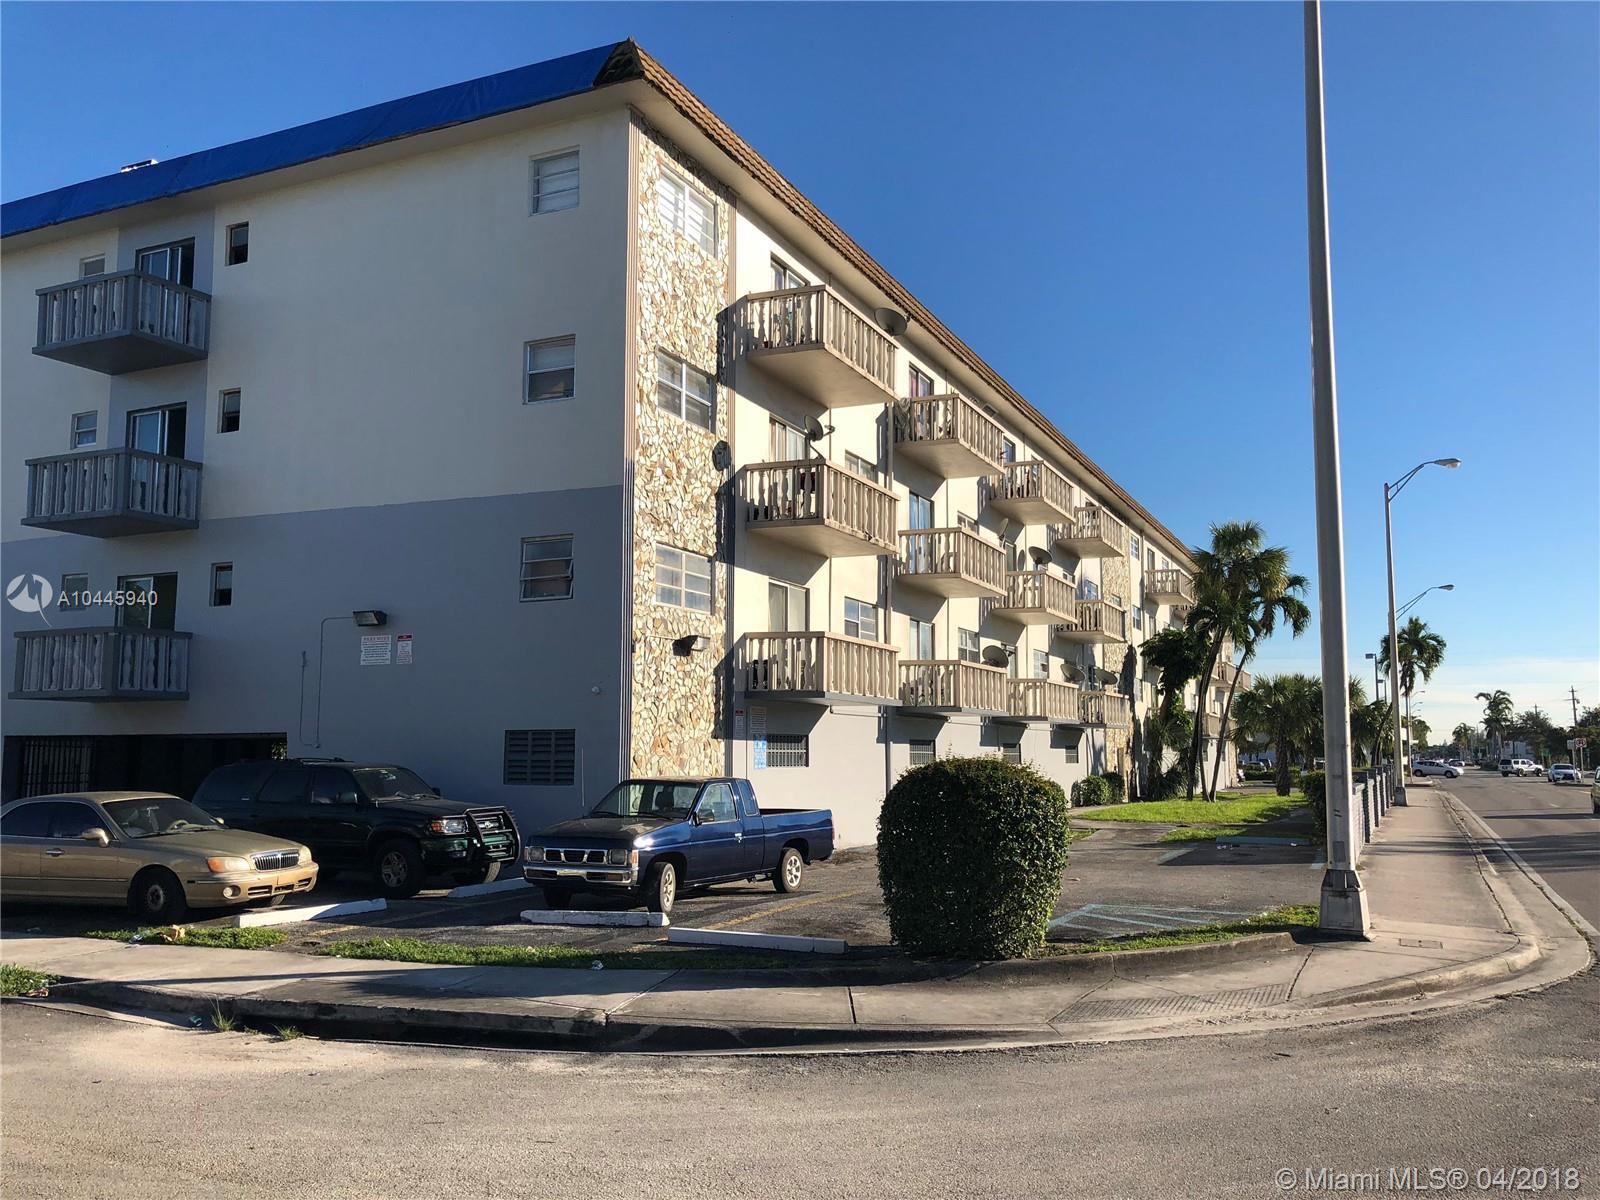 12955 NE 6th Ave # 404, North Miami FL 33161